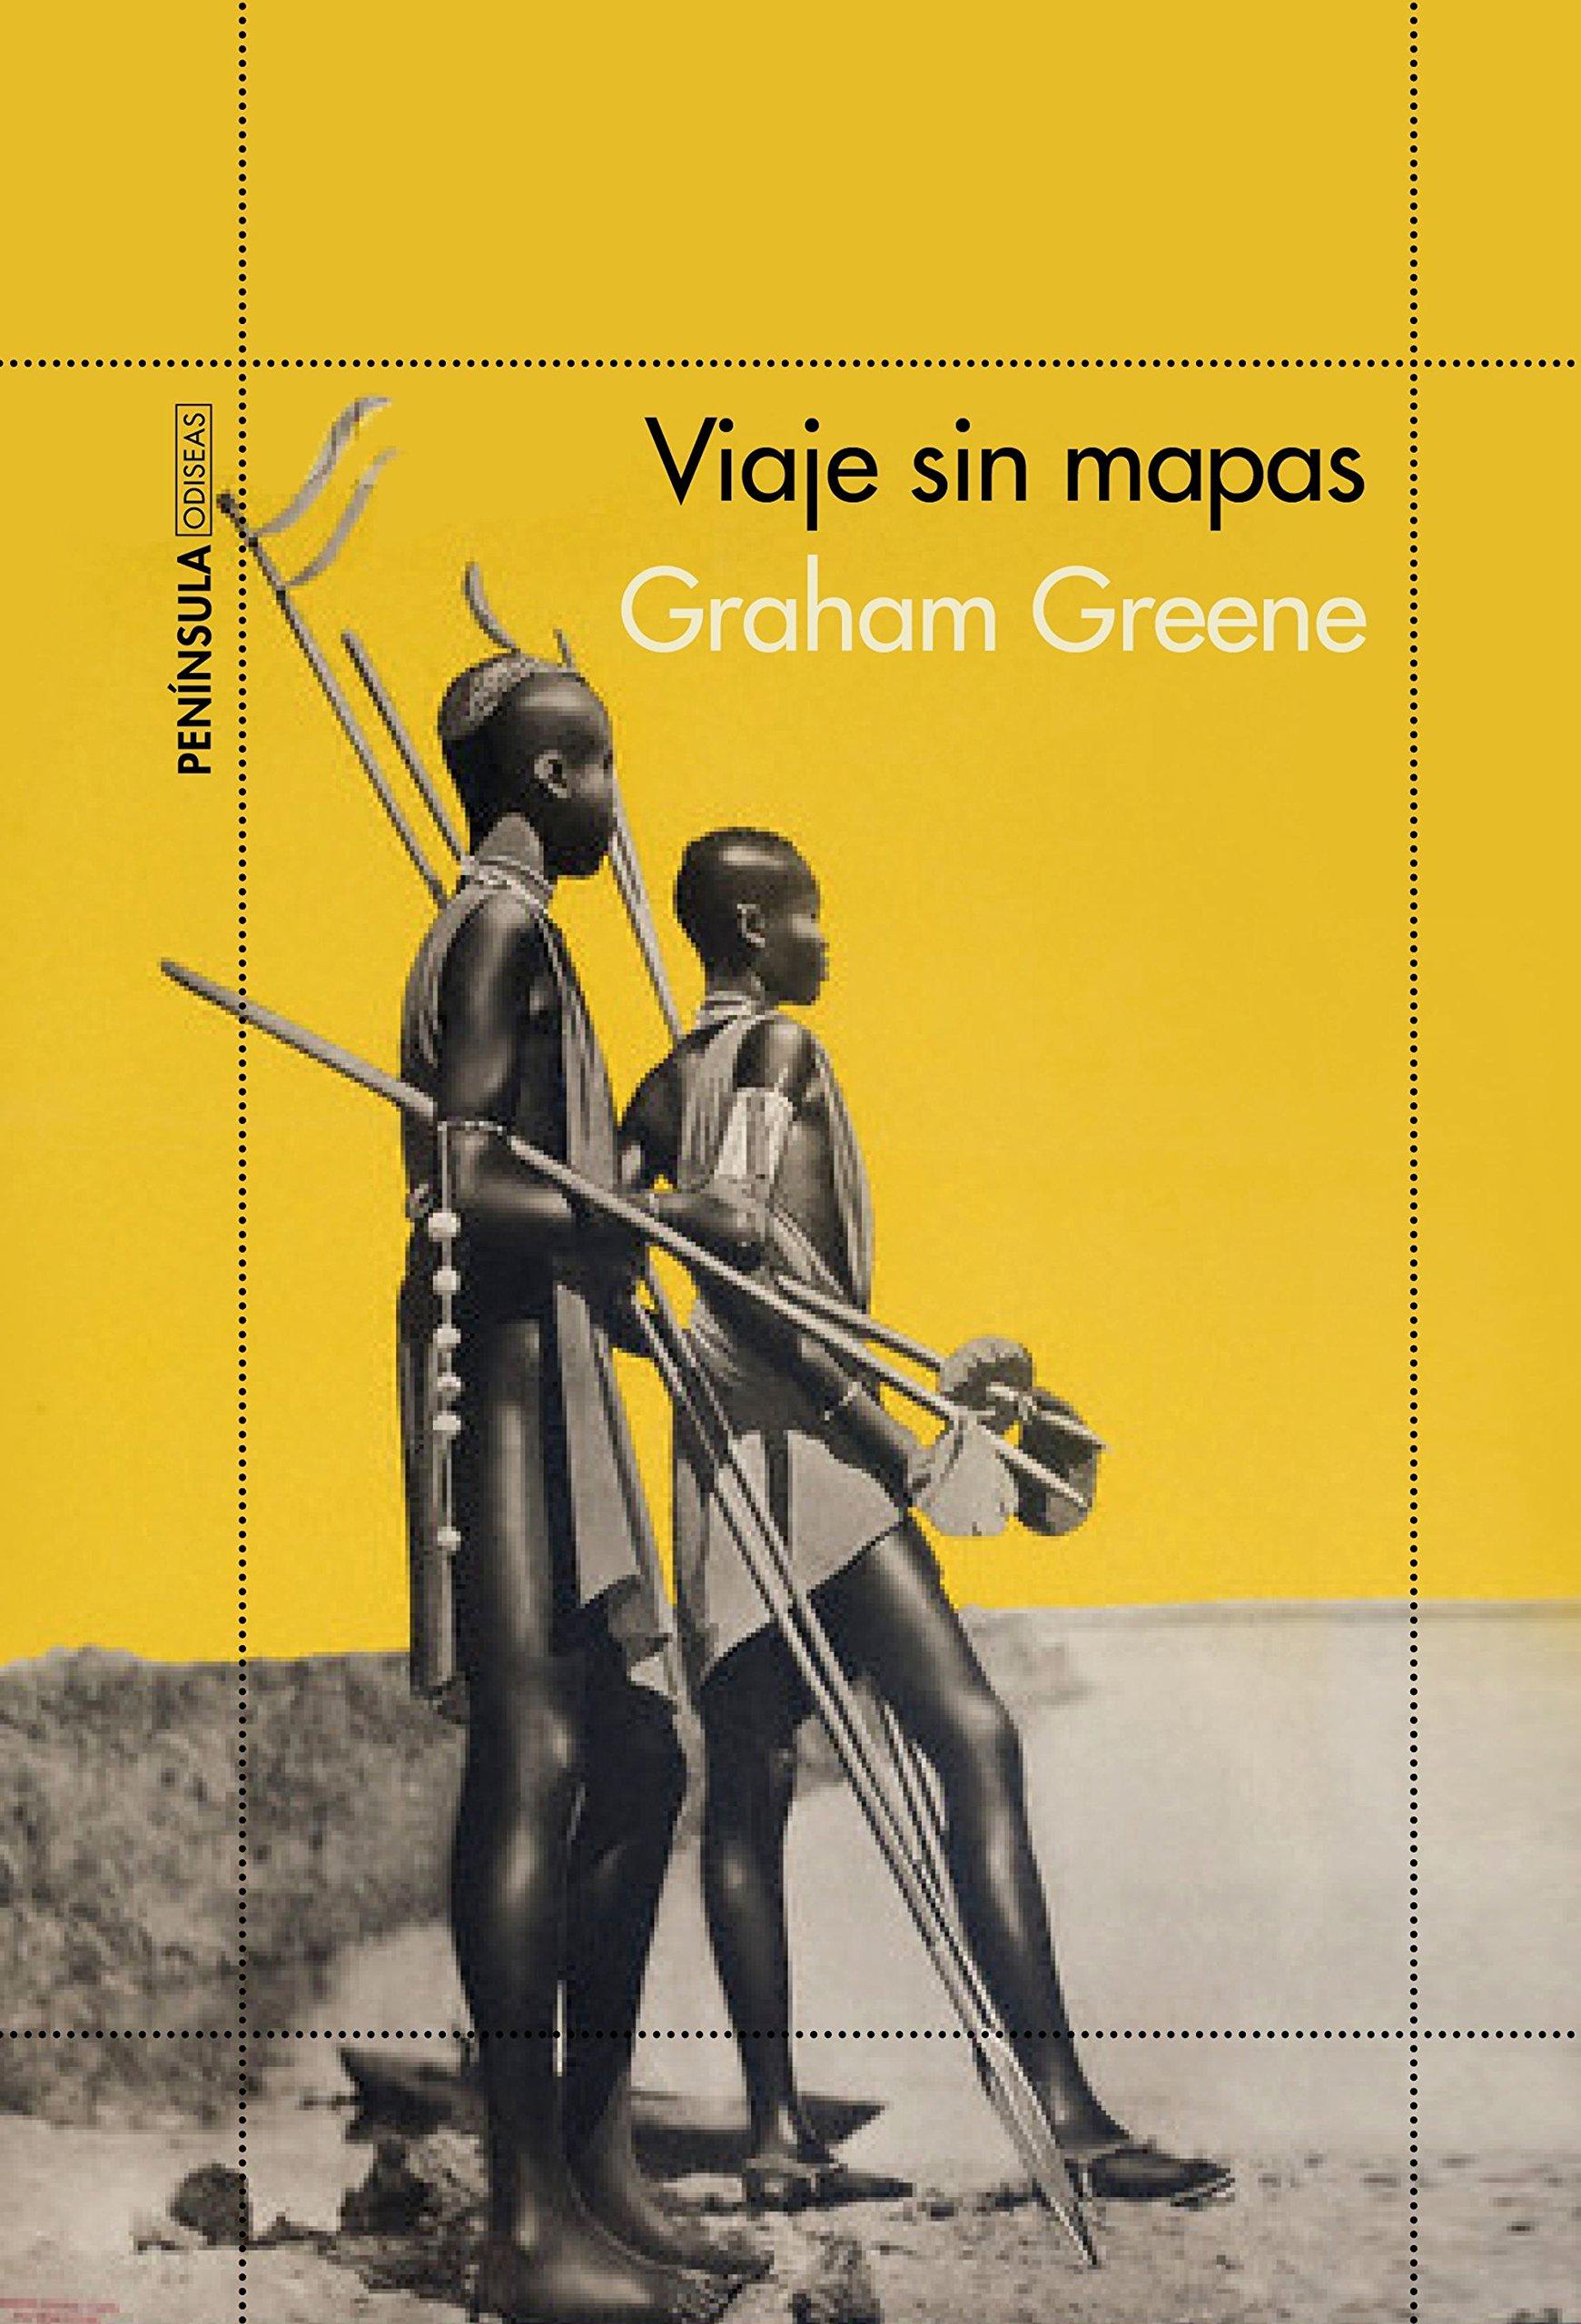 Viaje sin mapas (ODISEAS): Amazon.es: Graham Greene, José Manuel Álvarez  Flórez: Libros